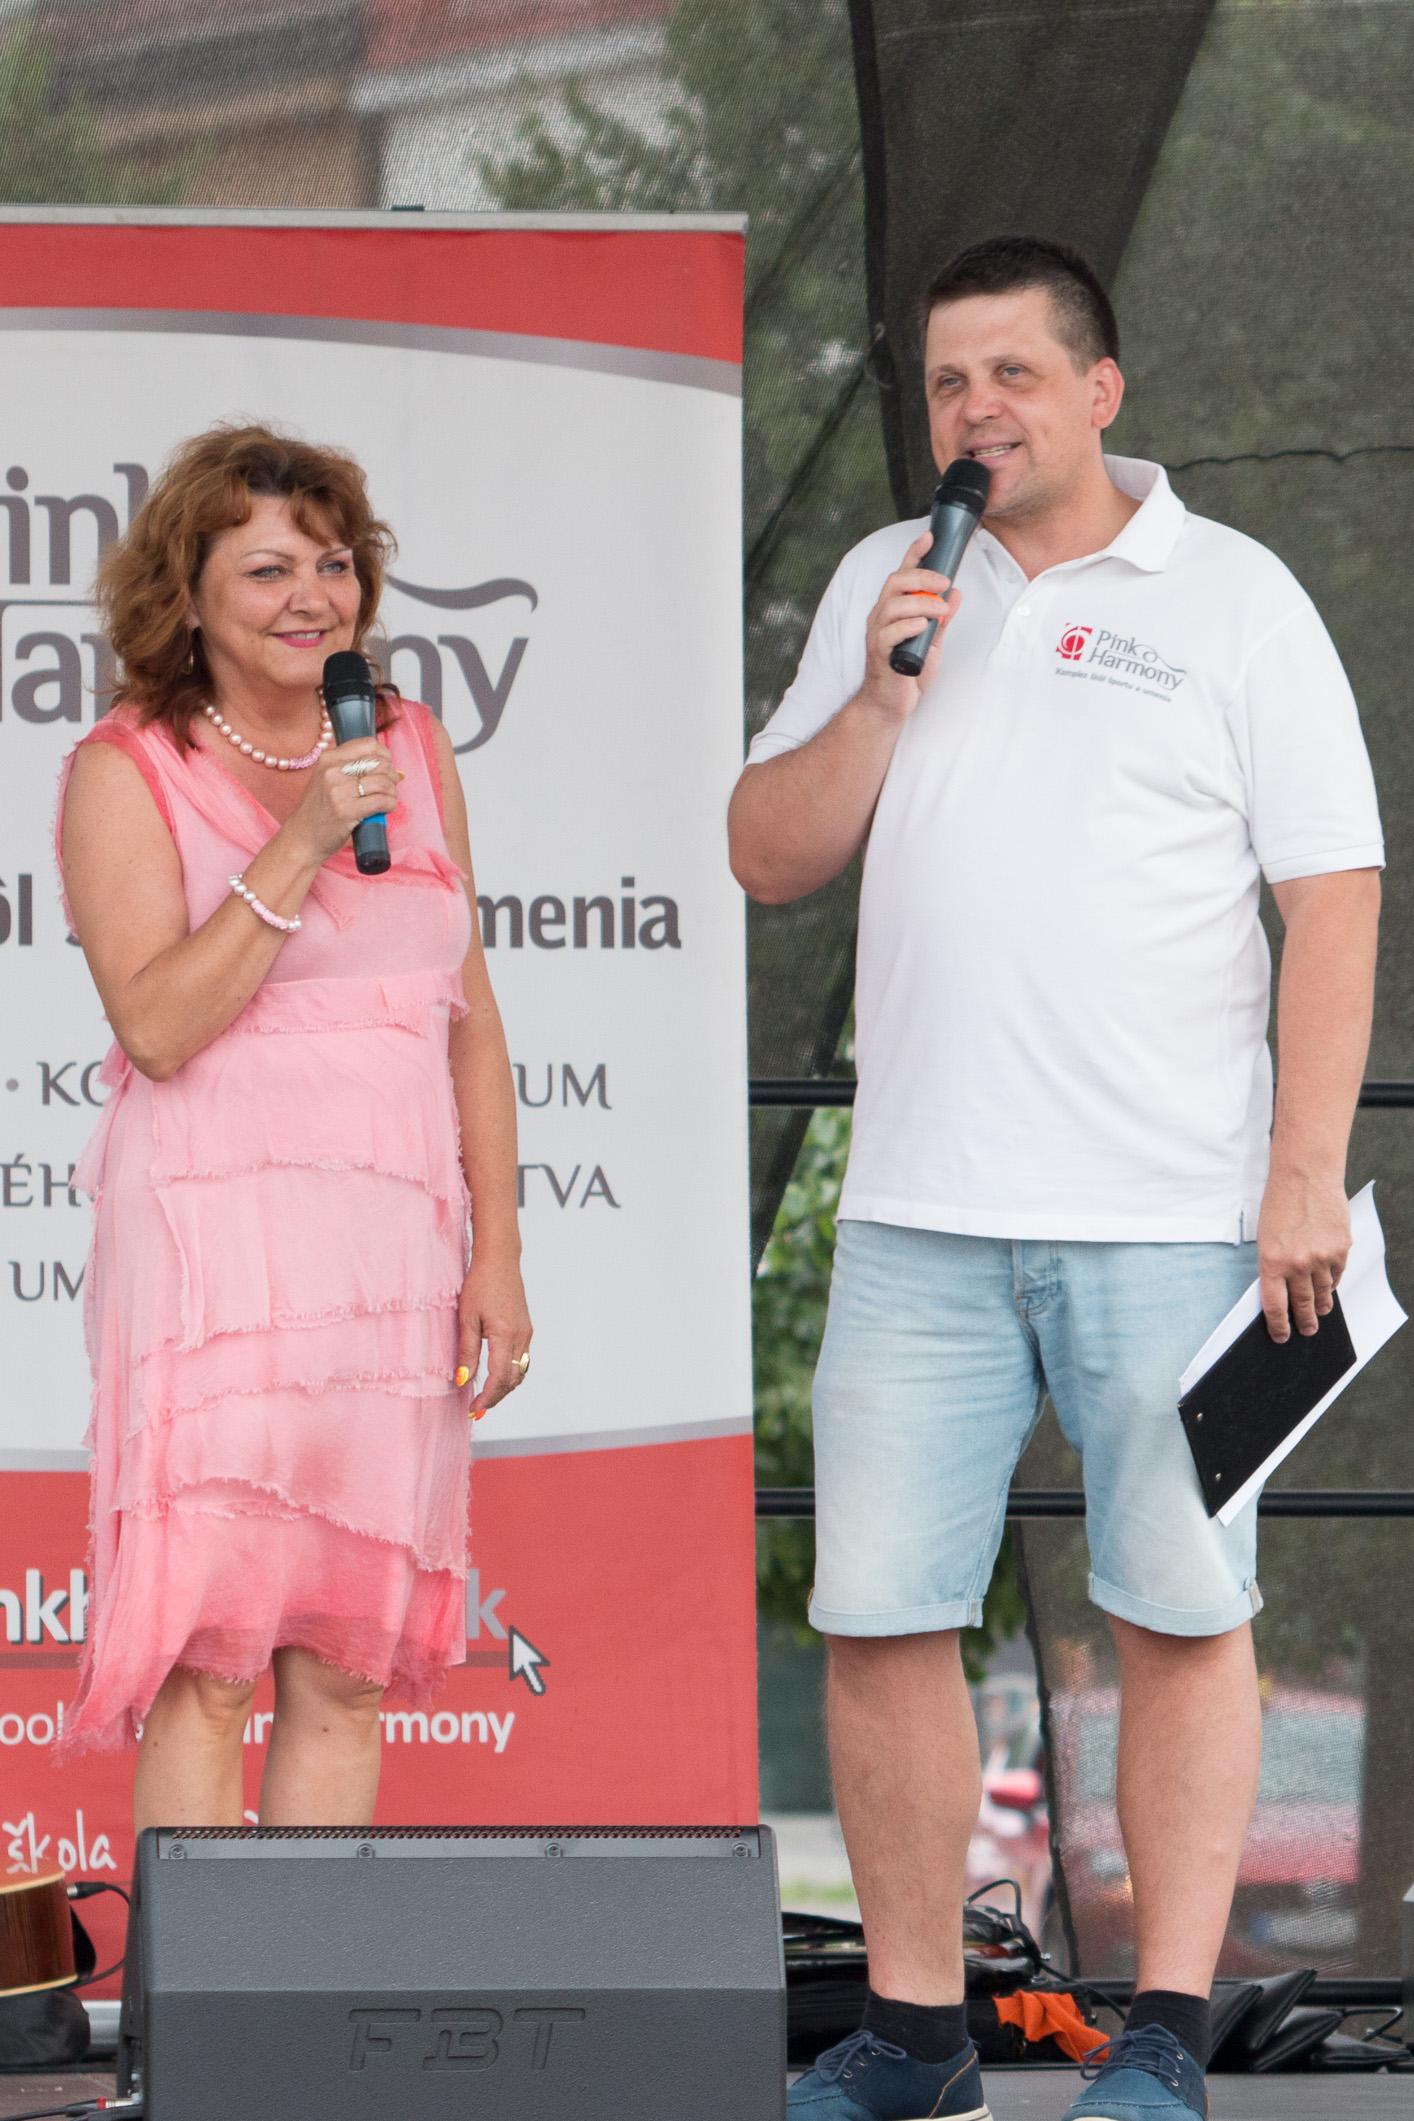 pinkova-kuric-2017